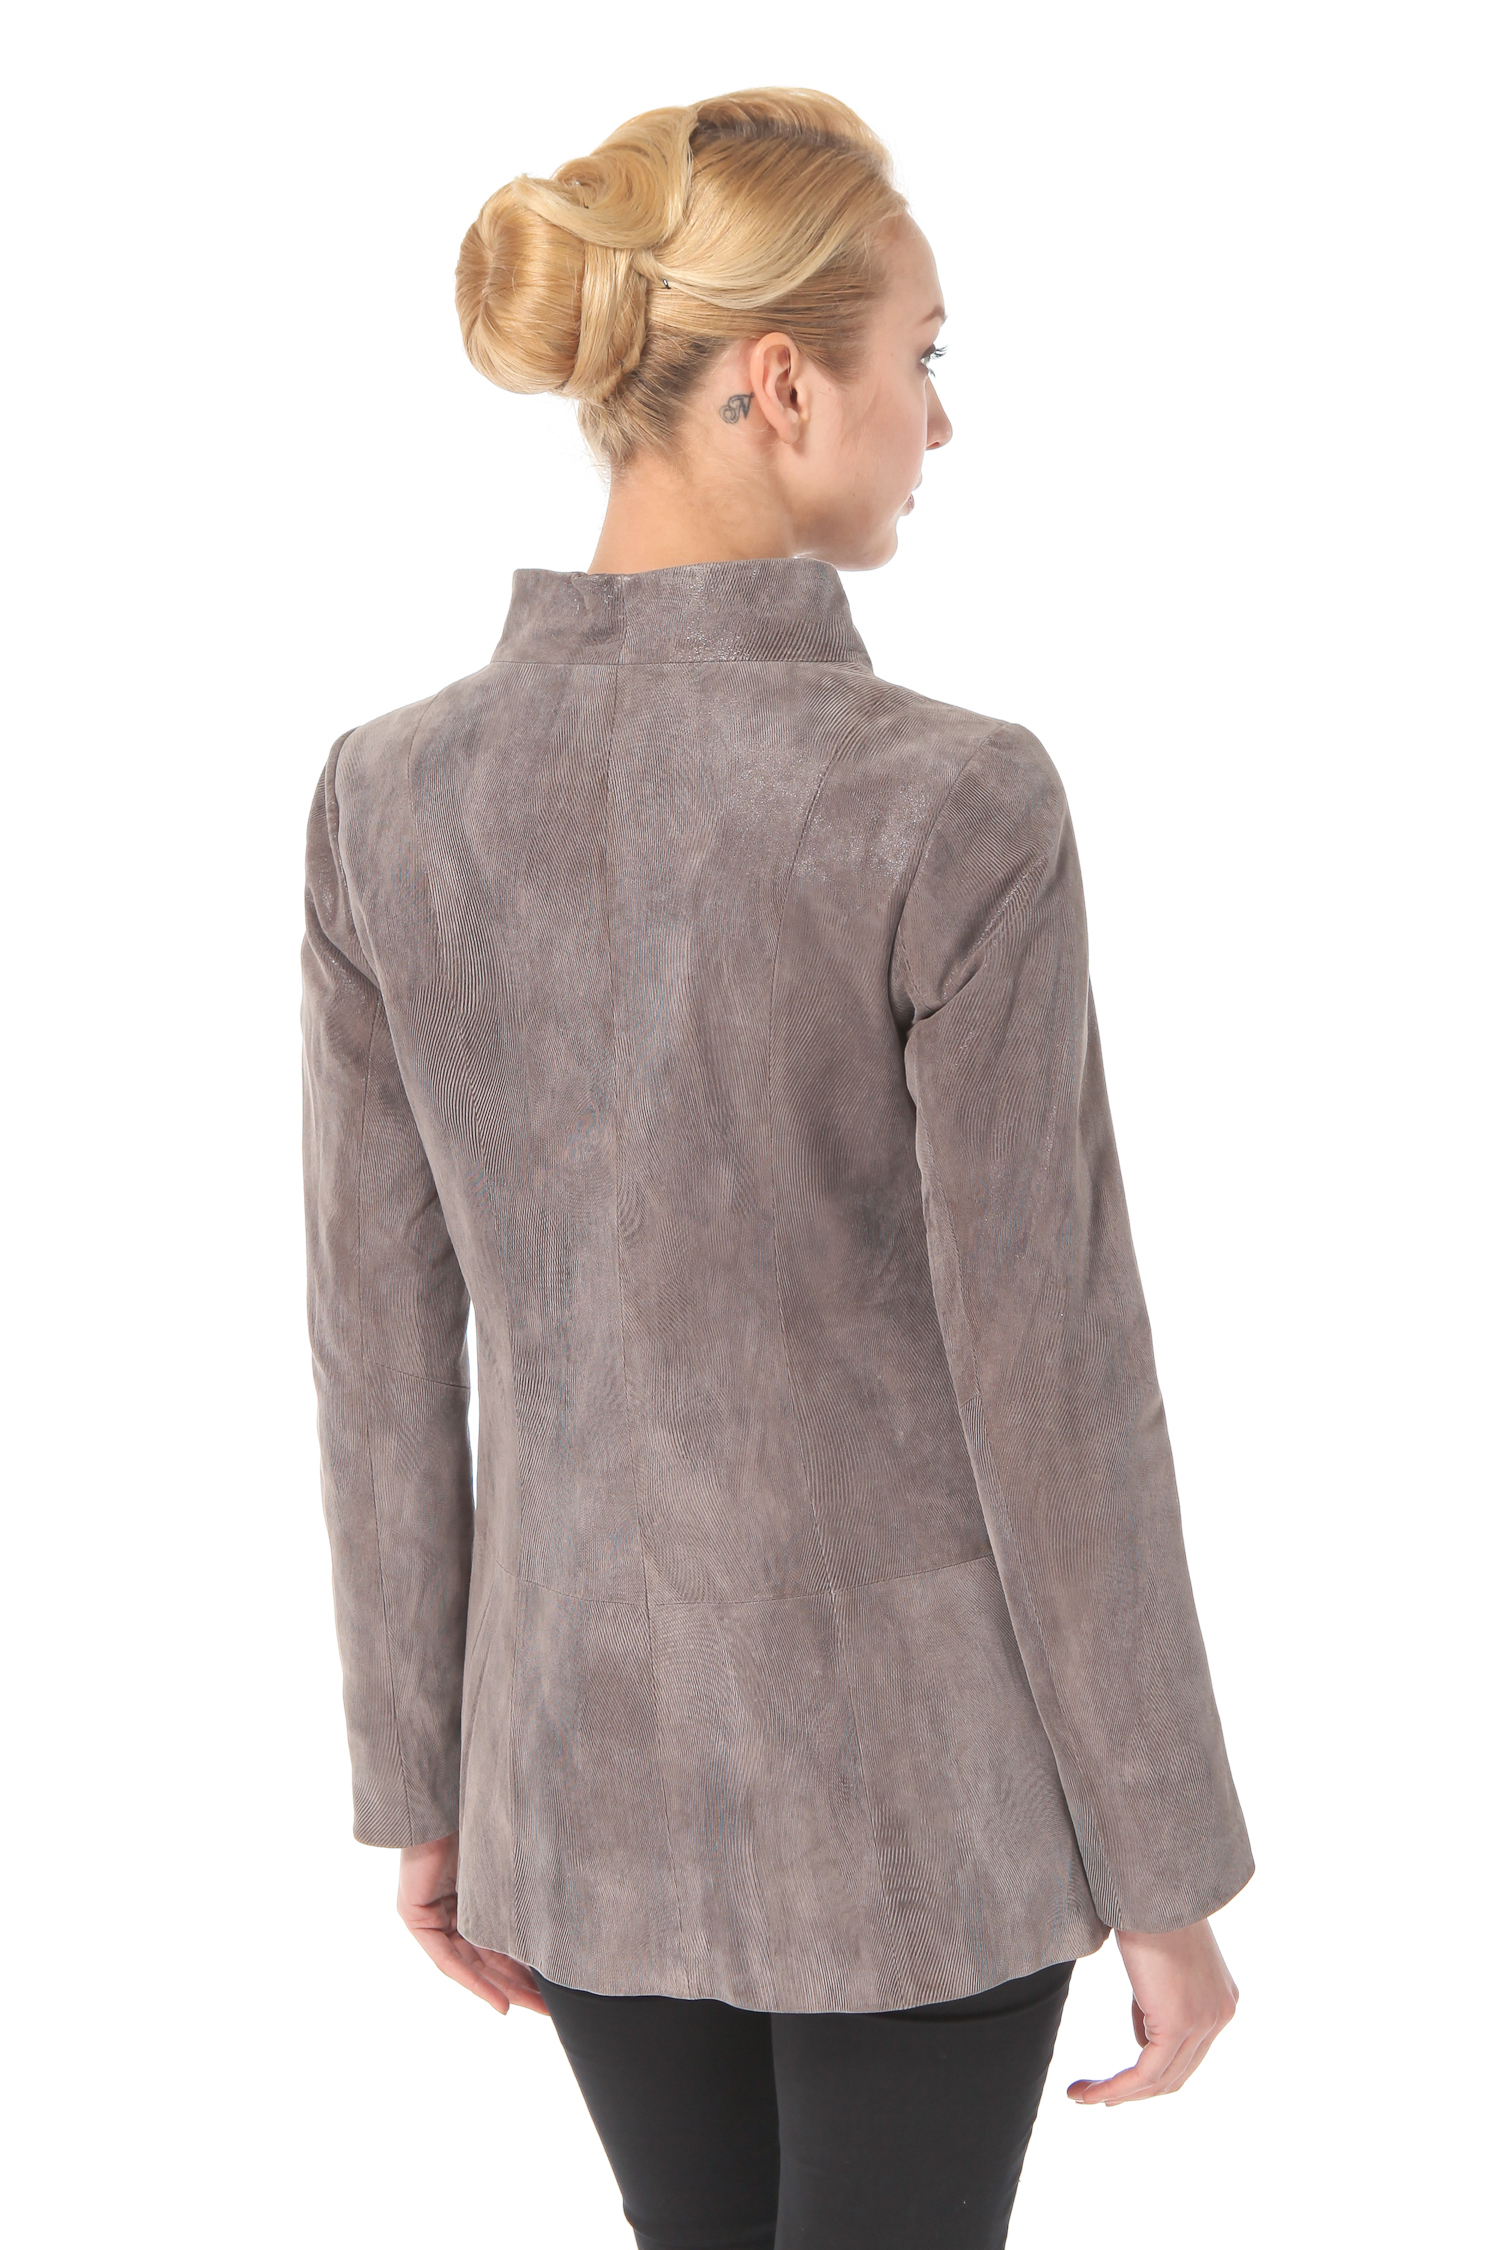 Фото 3 - Женская кожаная куртка из натуральной замши (с накатом) с воротником от МОСМЕХА бежевого цвета